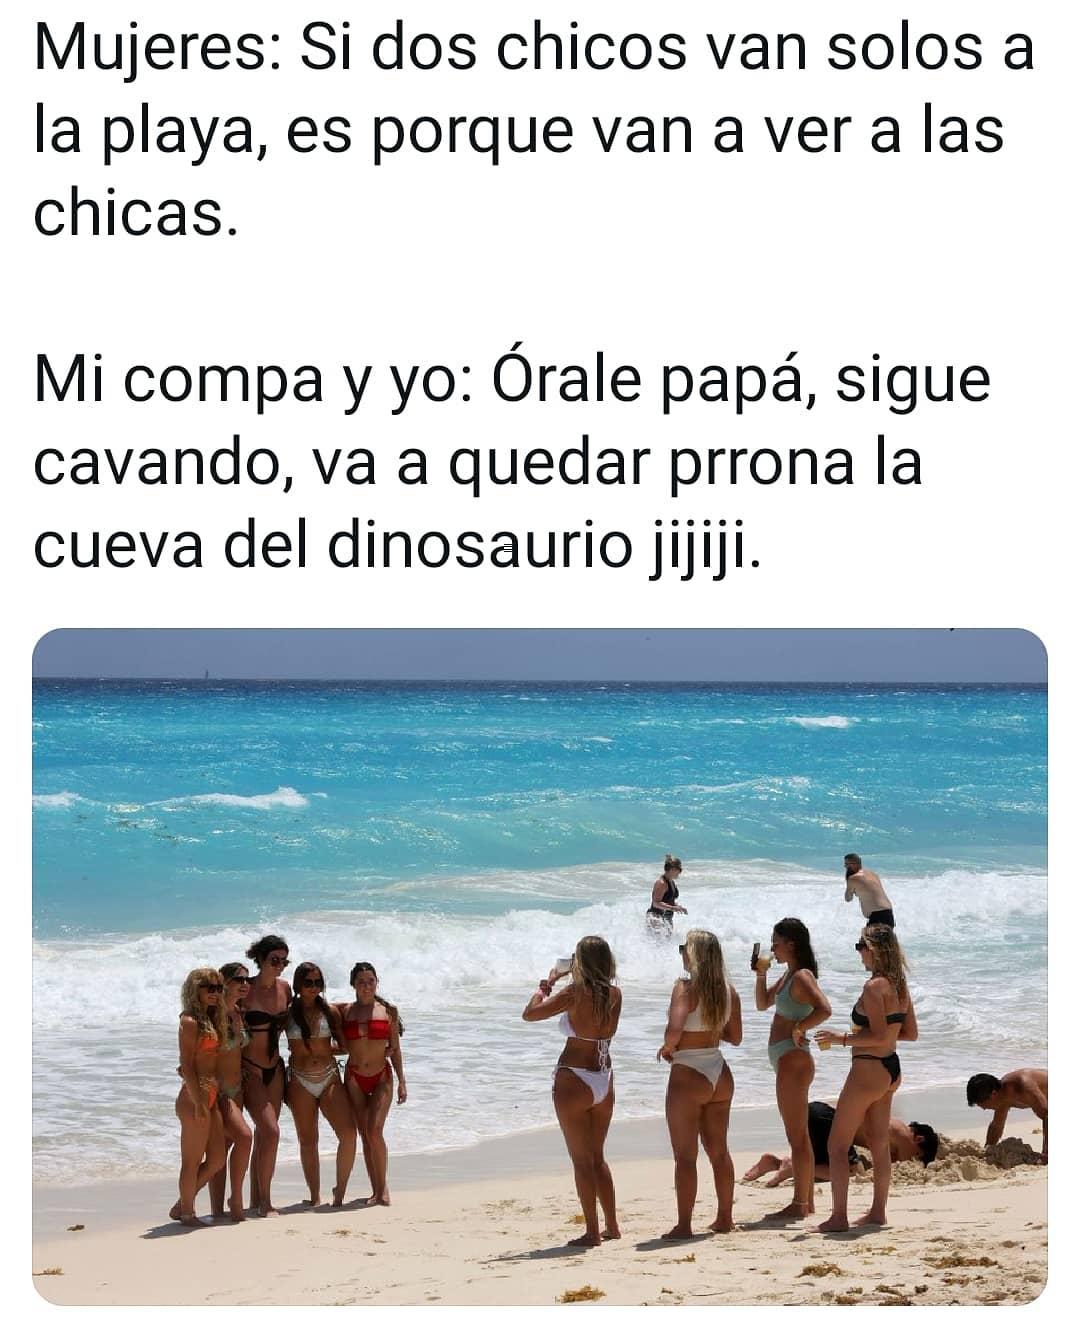 Mujeres: Si dos chicos van solos a la playa, es porque van a ver a las chicas.  Mi compa y yo: órale papá, sigue cavando, va a quedar prrona la cueva del dinosaurio jijiji.